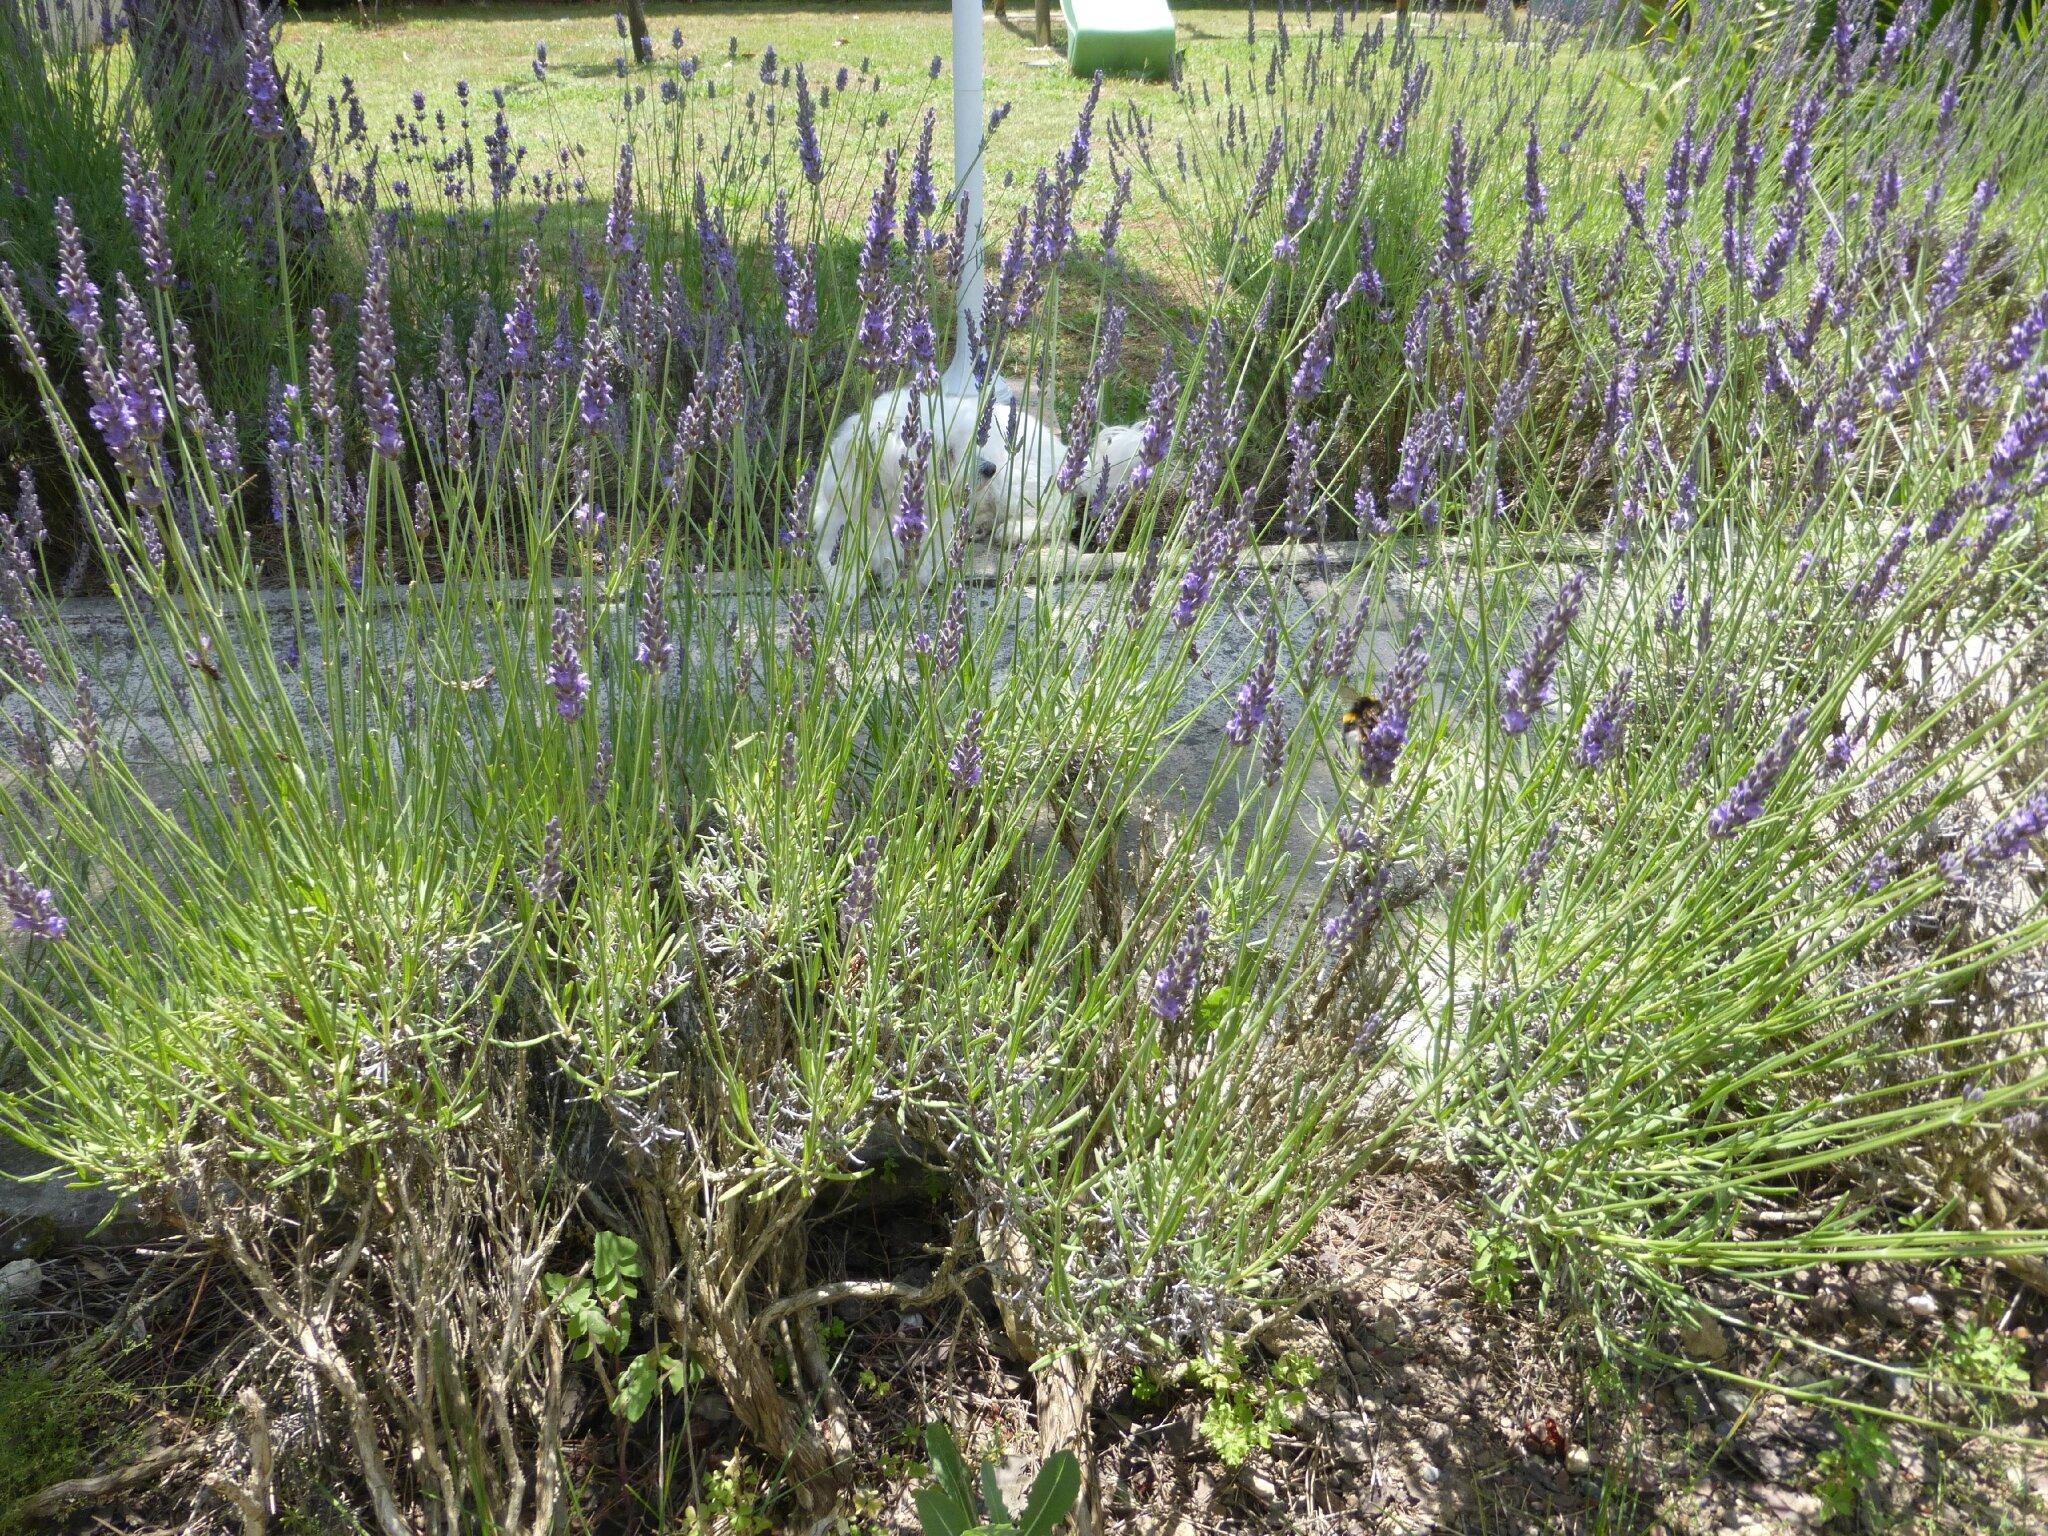 Apr s la cueillette de petits fruits les fleurs de lavande embaument mon jardin il est temps - Quand ramasser la lavande ...